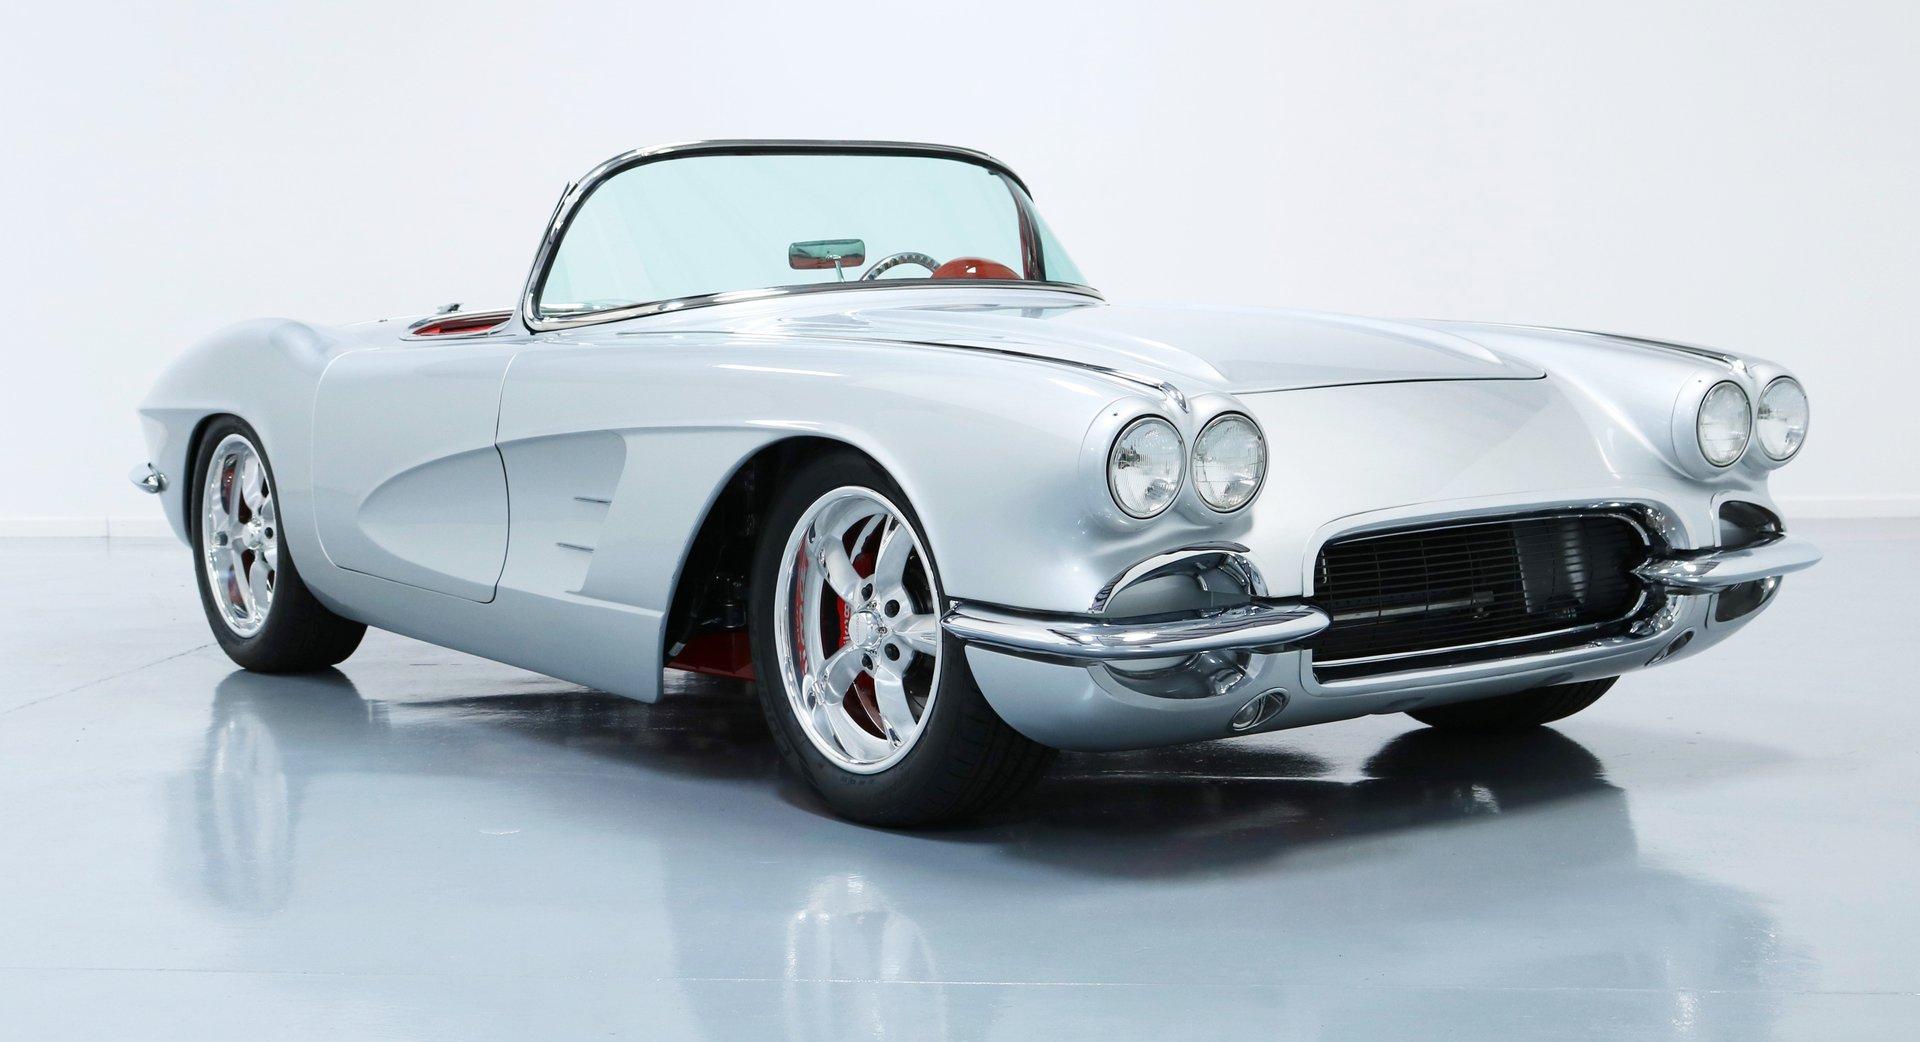 1962 chevrolet corvette replica